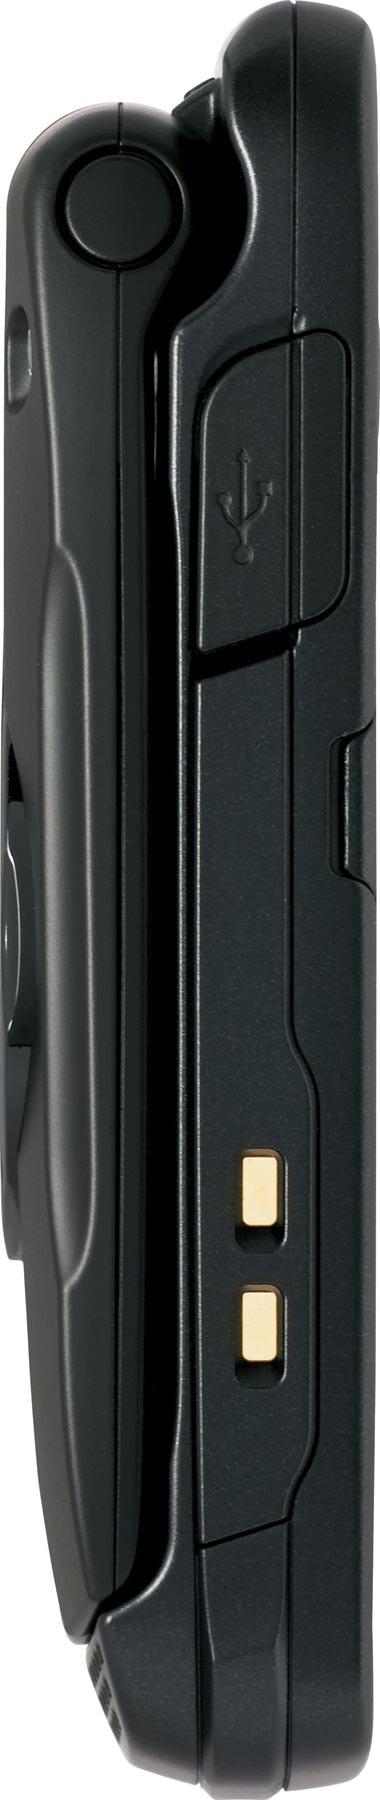 Verizon Wireless Casio G'zOne Ravine